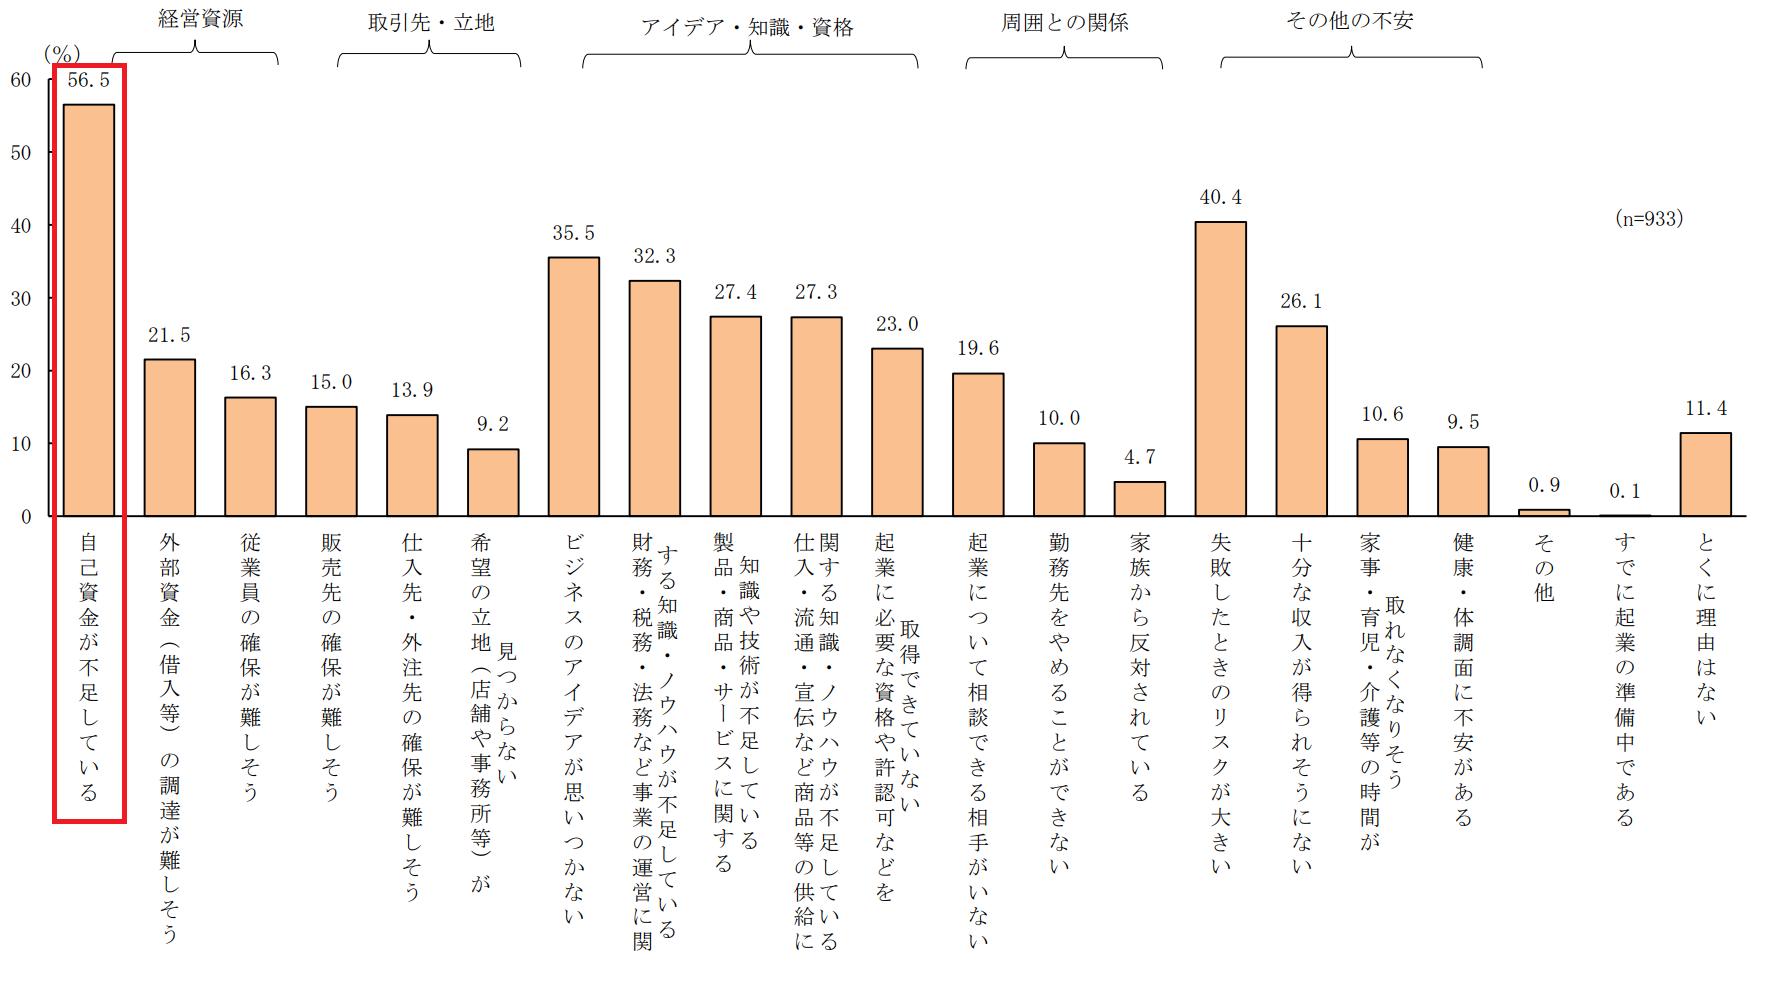 2017.12.21起業と起業意識に関する調査(日本政策金融公庫総合研究所